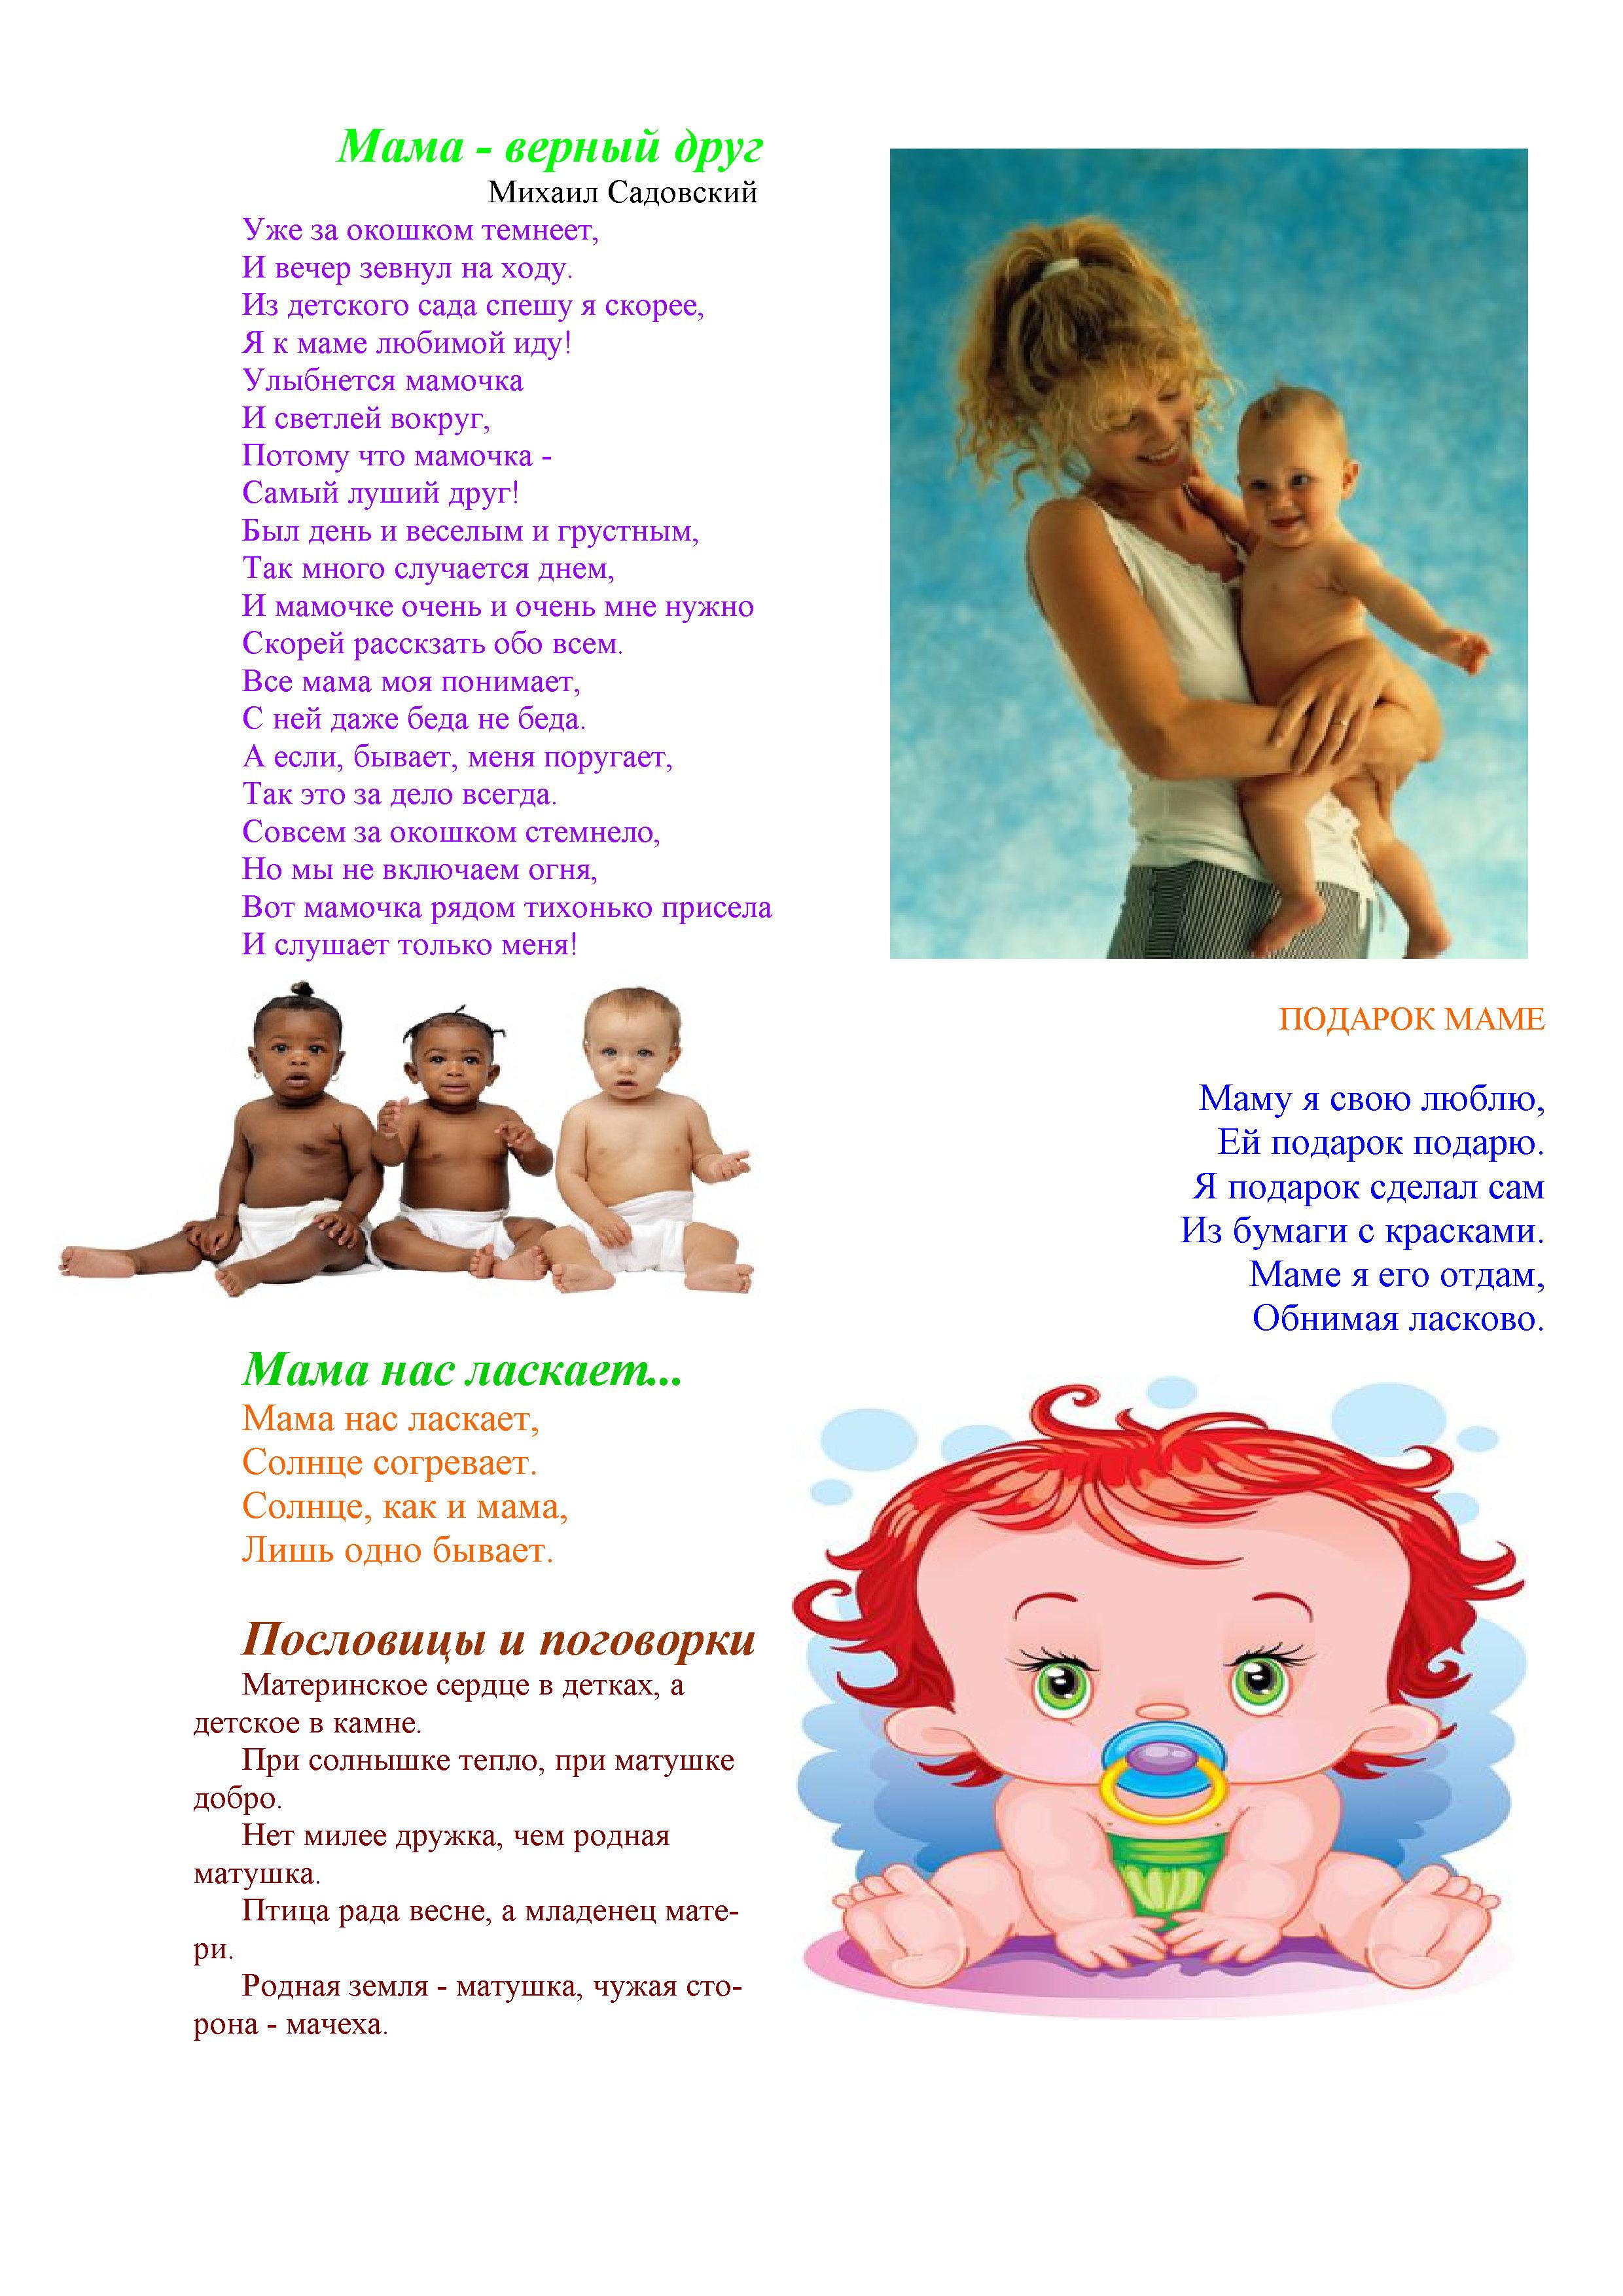 Стихи про маму, поздравления маме к 8 марта Материнство 71